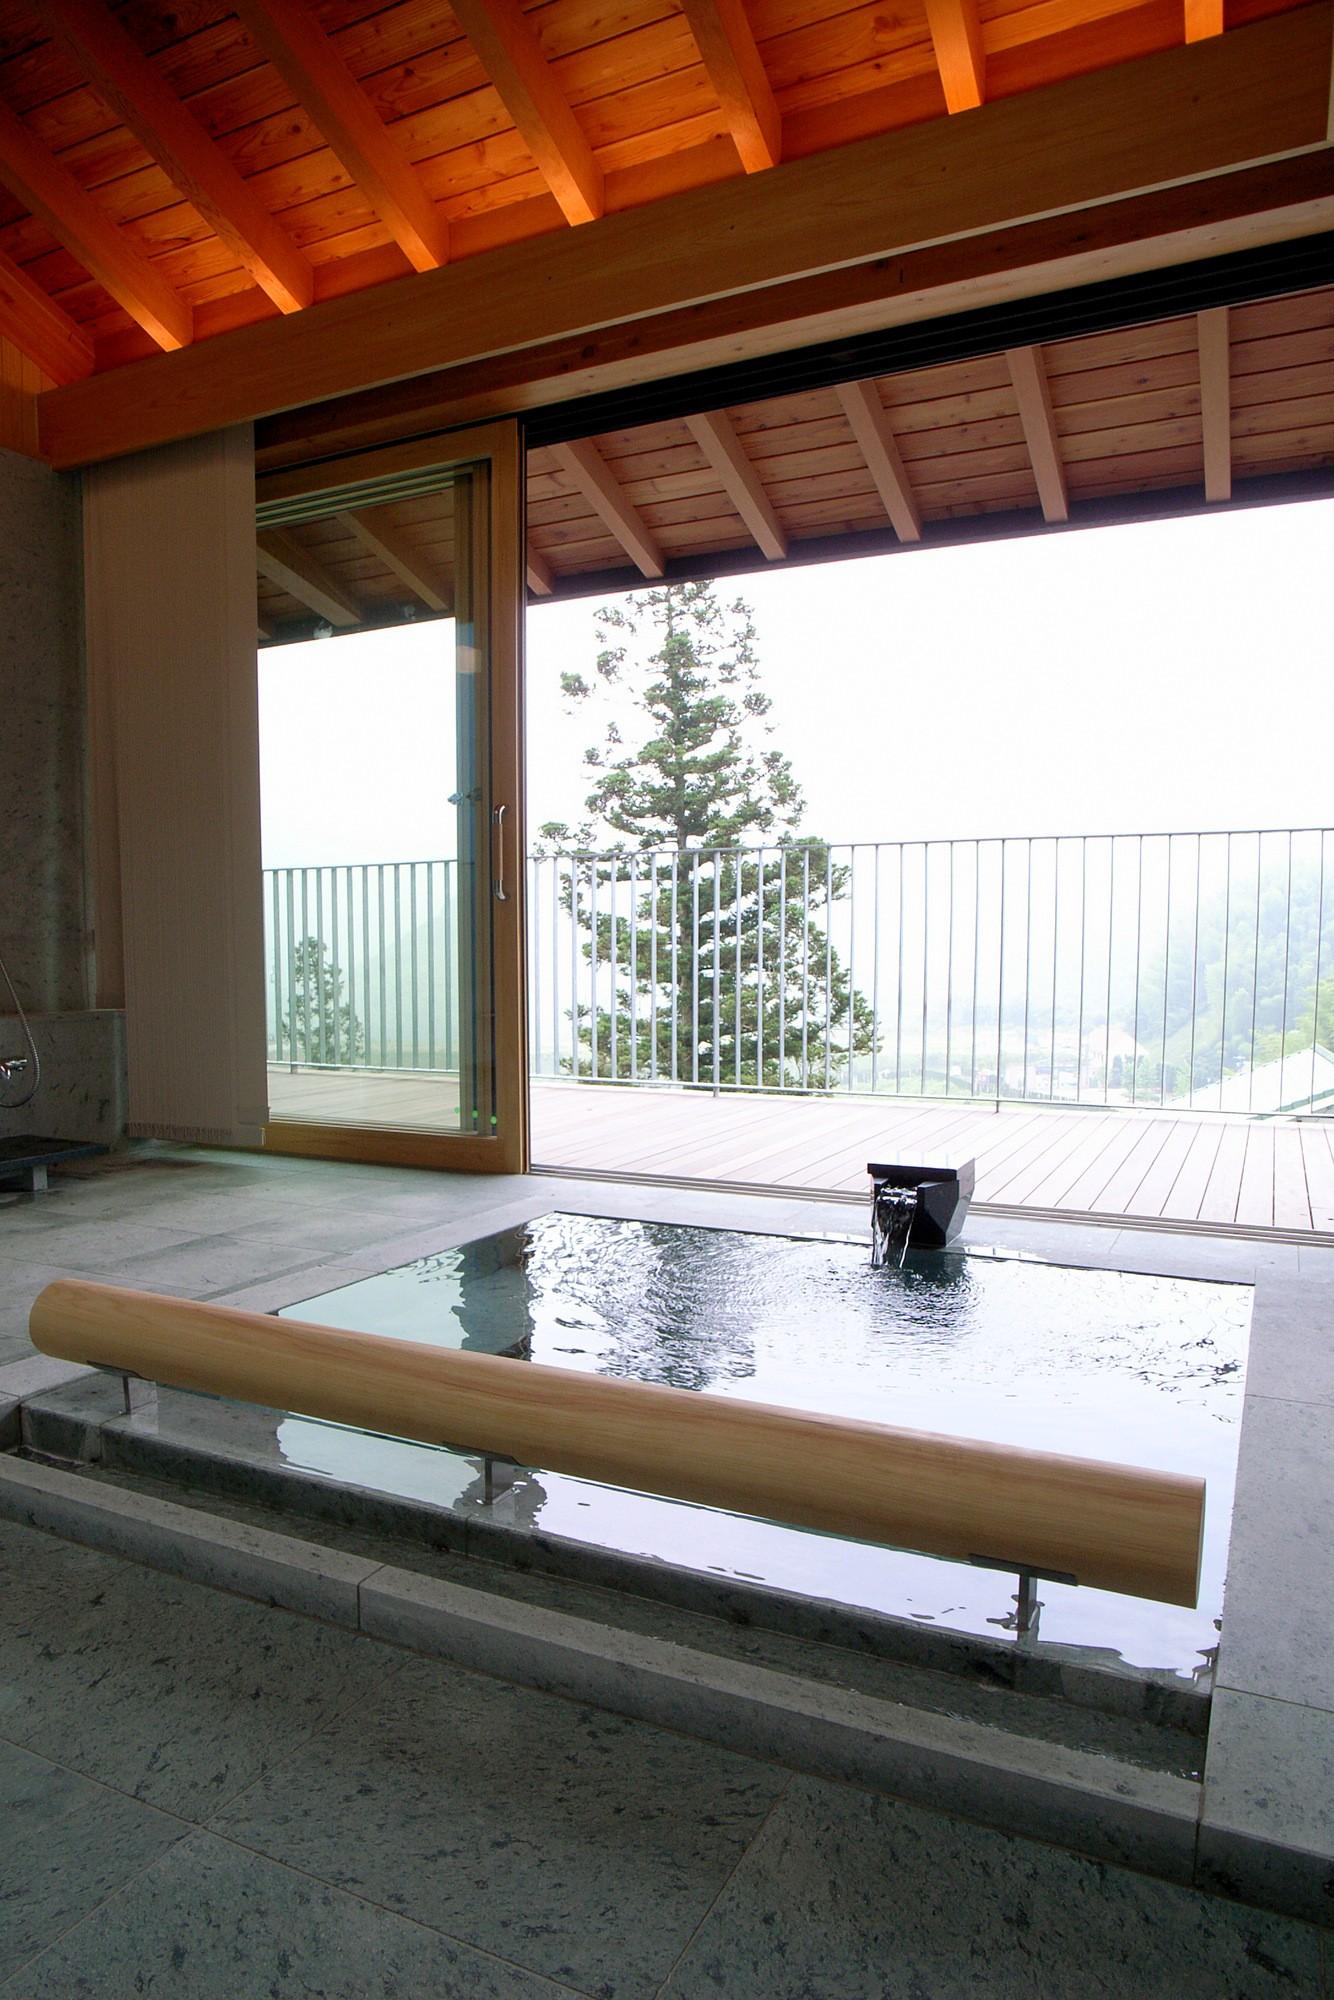 バス/トイレ事例:温泉浴室(雷山の別荘 絶景を楽しめる和モダンの別荘)